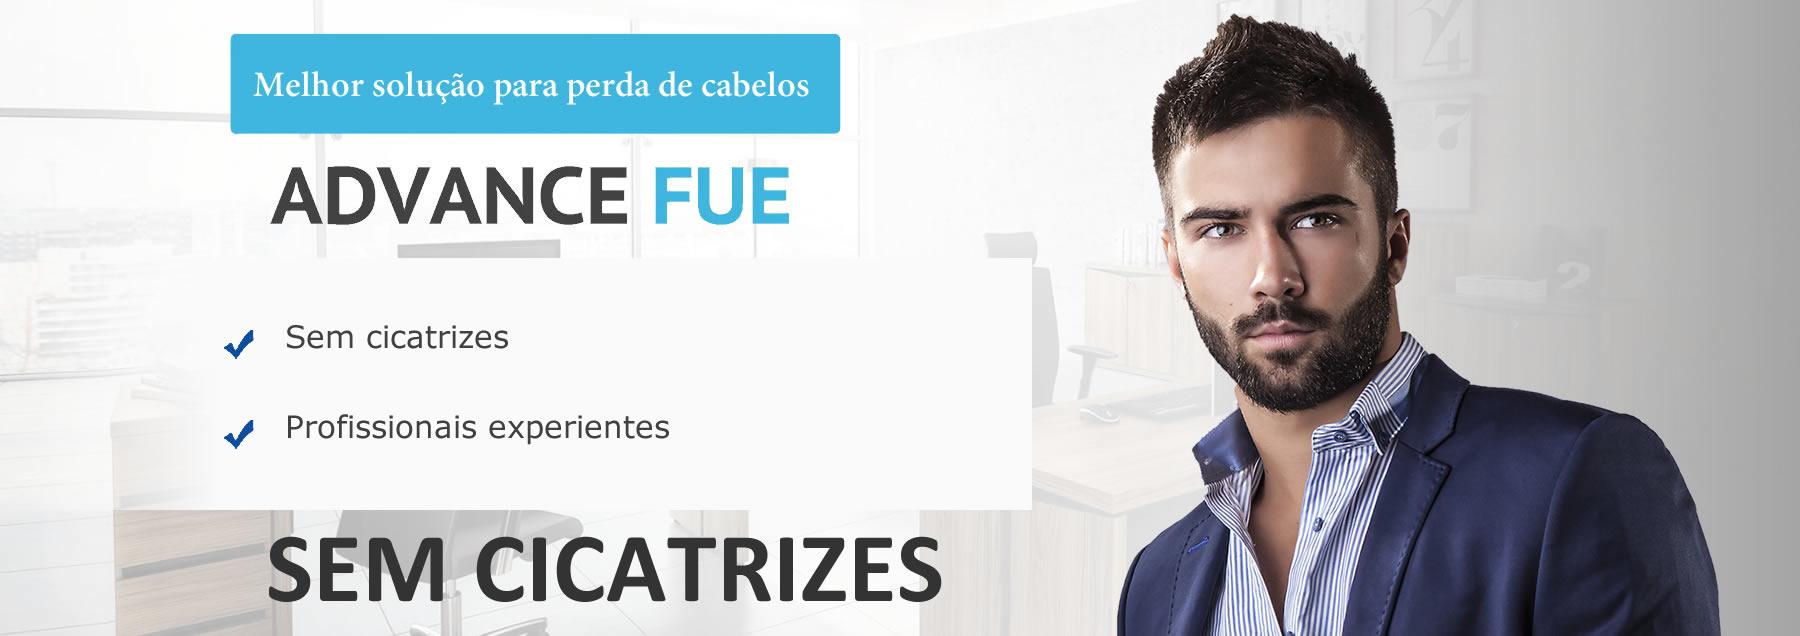 banner-transplante-capilar-fue